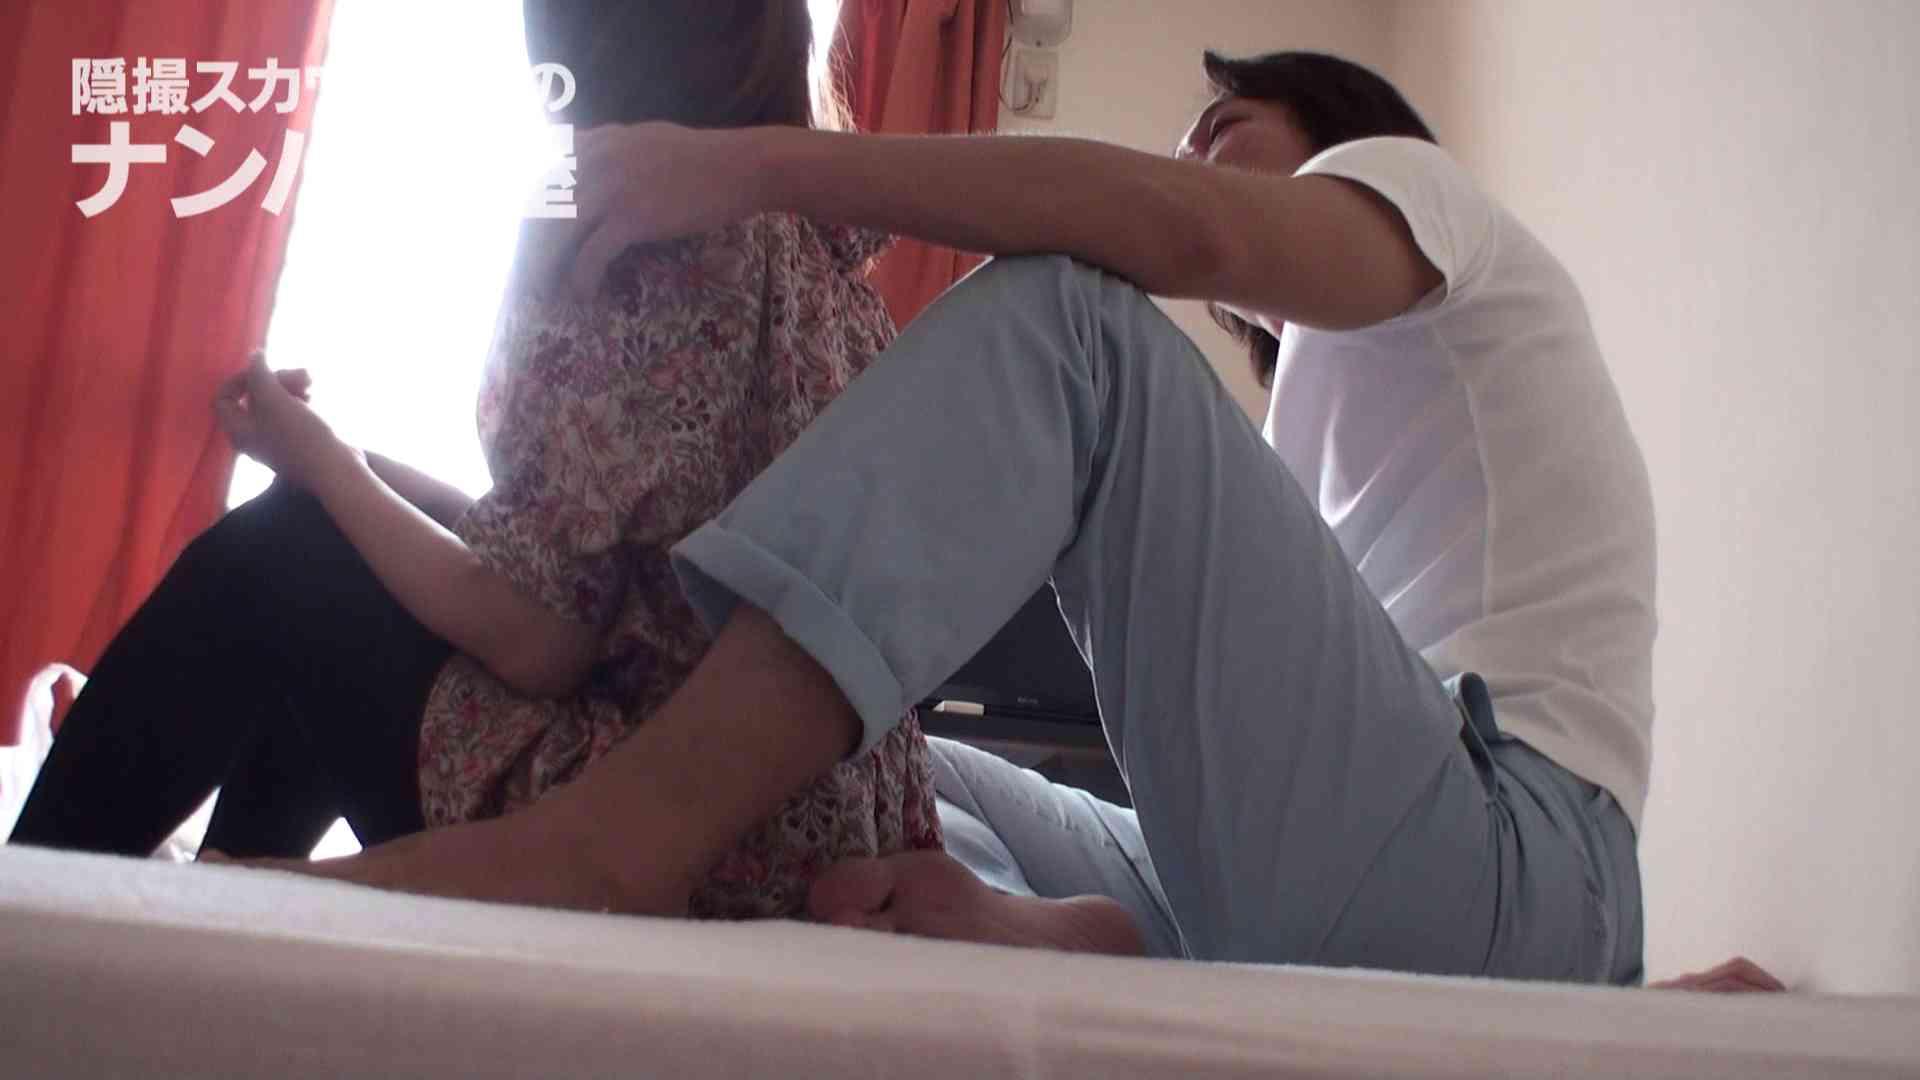 隠撮スカウトマンのナンパ部屋~風俗デビュー前のつまみ食い~ sii 隠撮  94pic 15